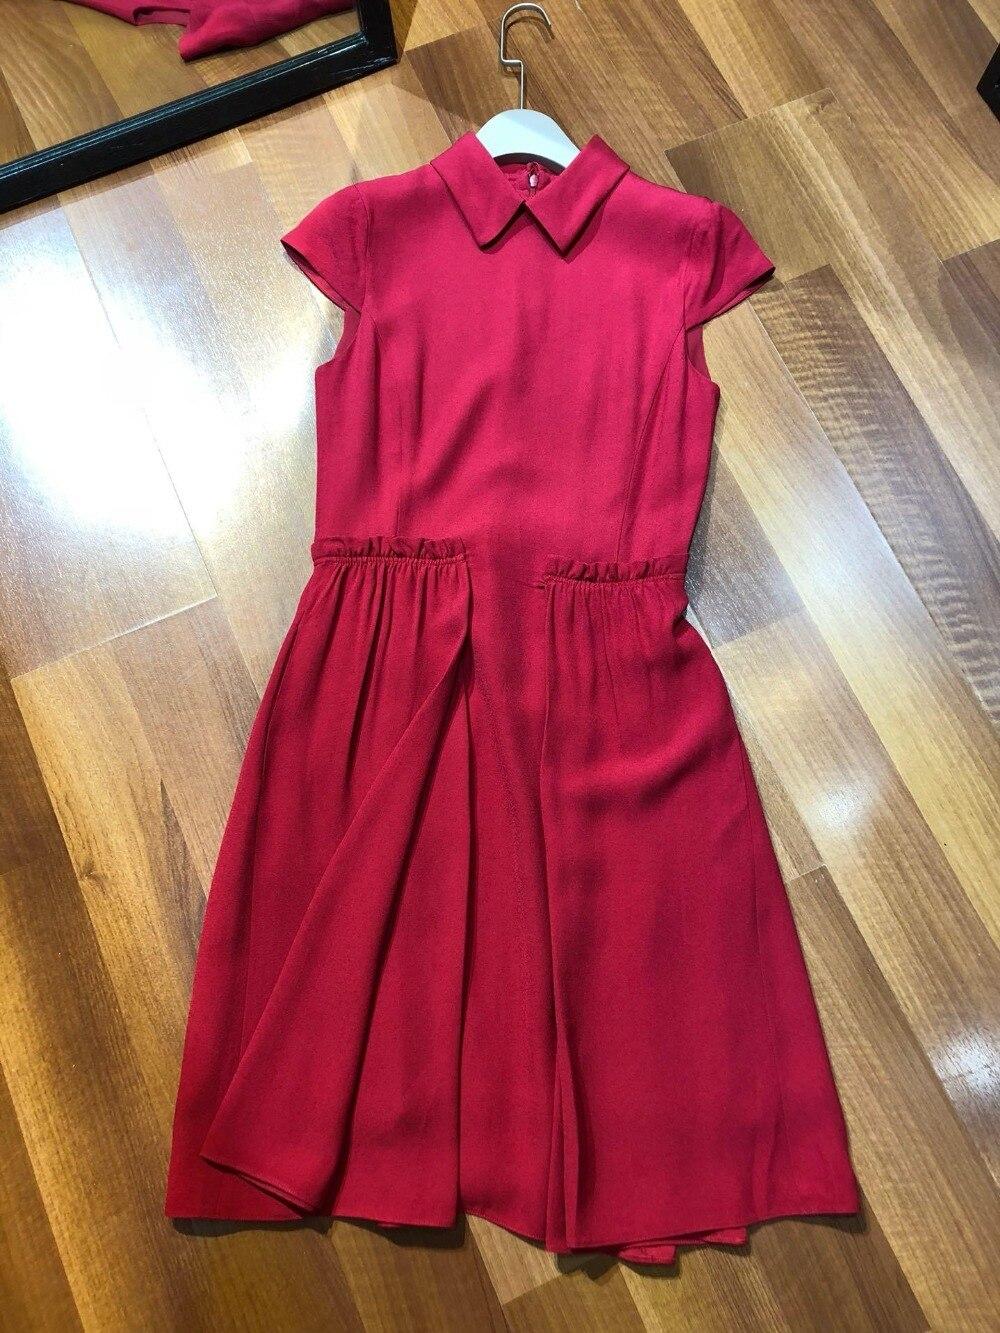 Robe Manches Drapé Princesse Dames 2019 Qualité Mode Revers Rouge 0312 Supérieure De Sans Vin H7xfqAR